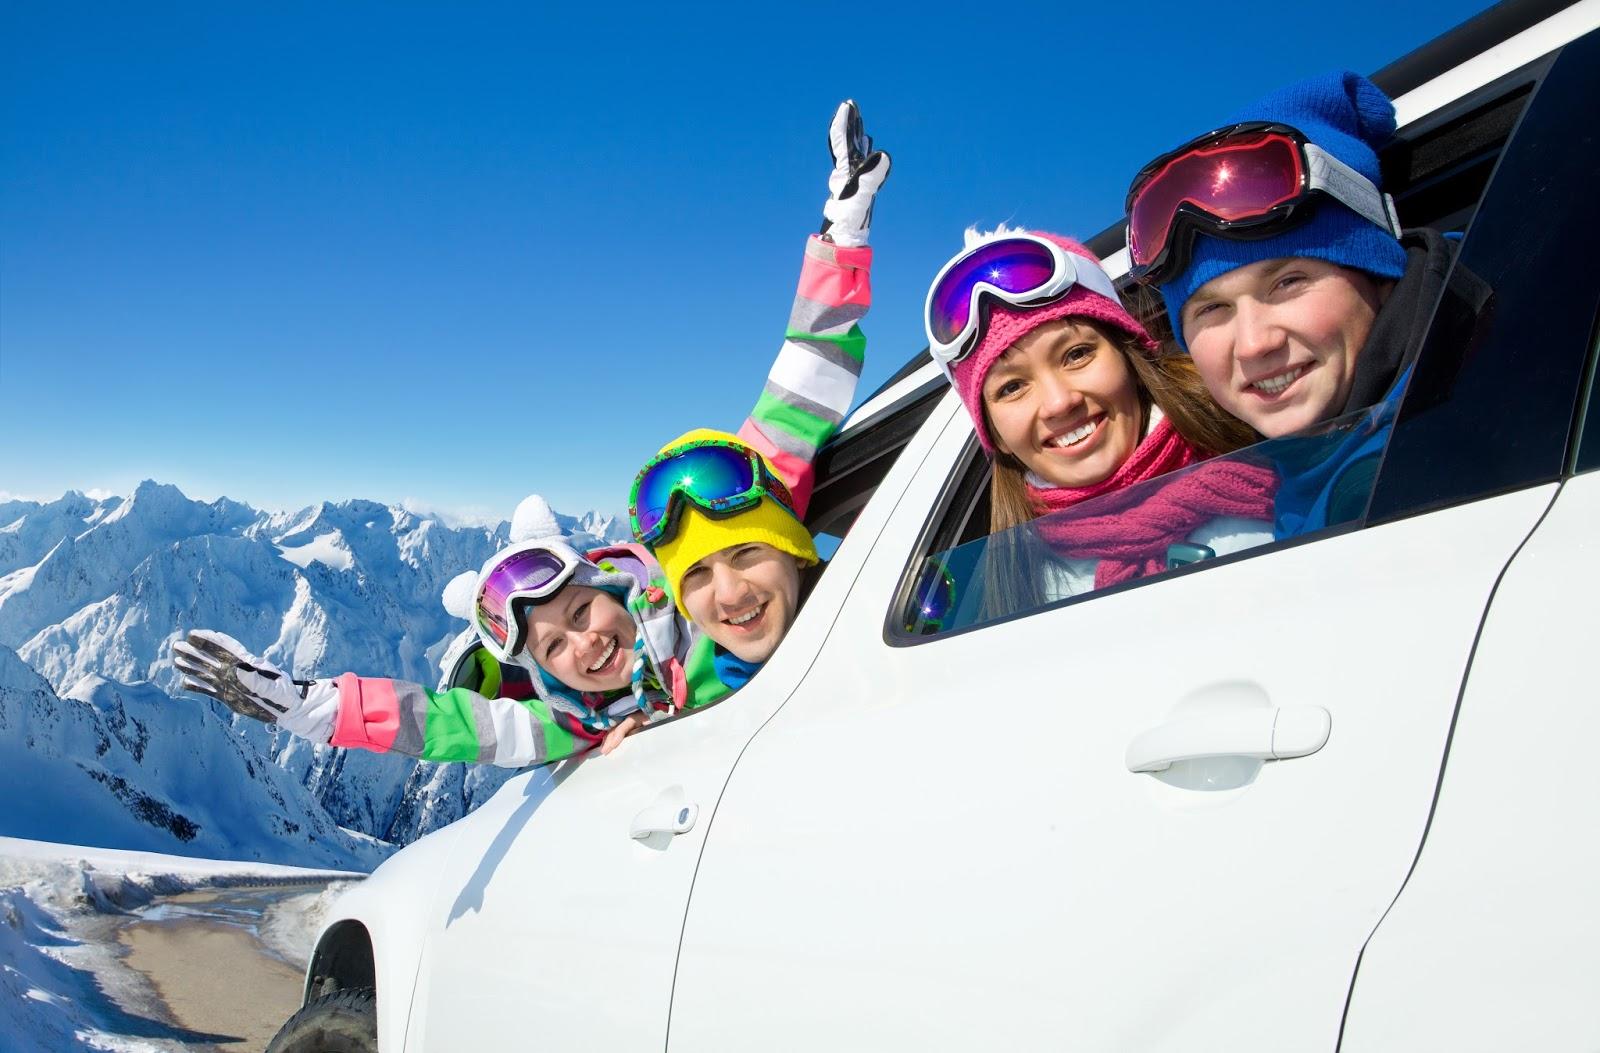 Blije wintersporters op de alpen in de auto